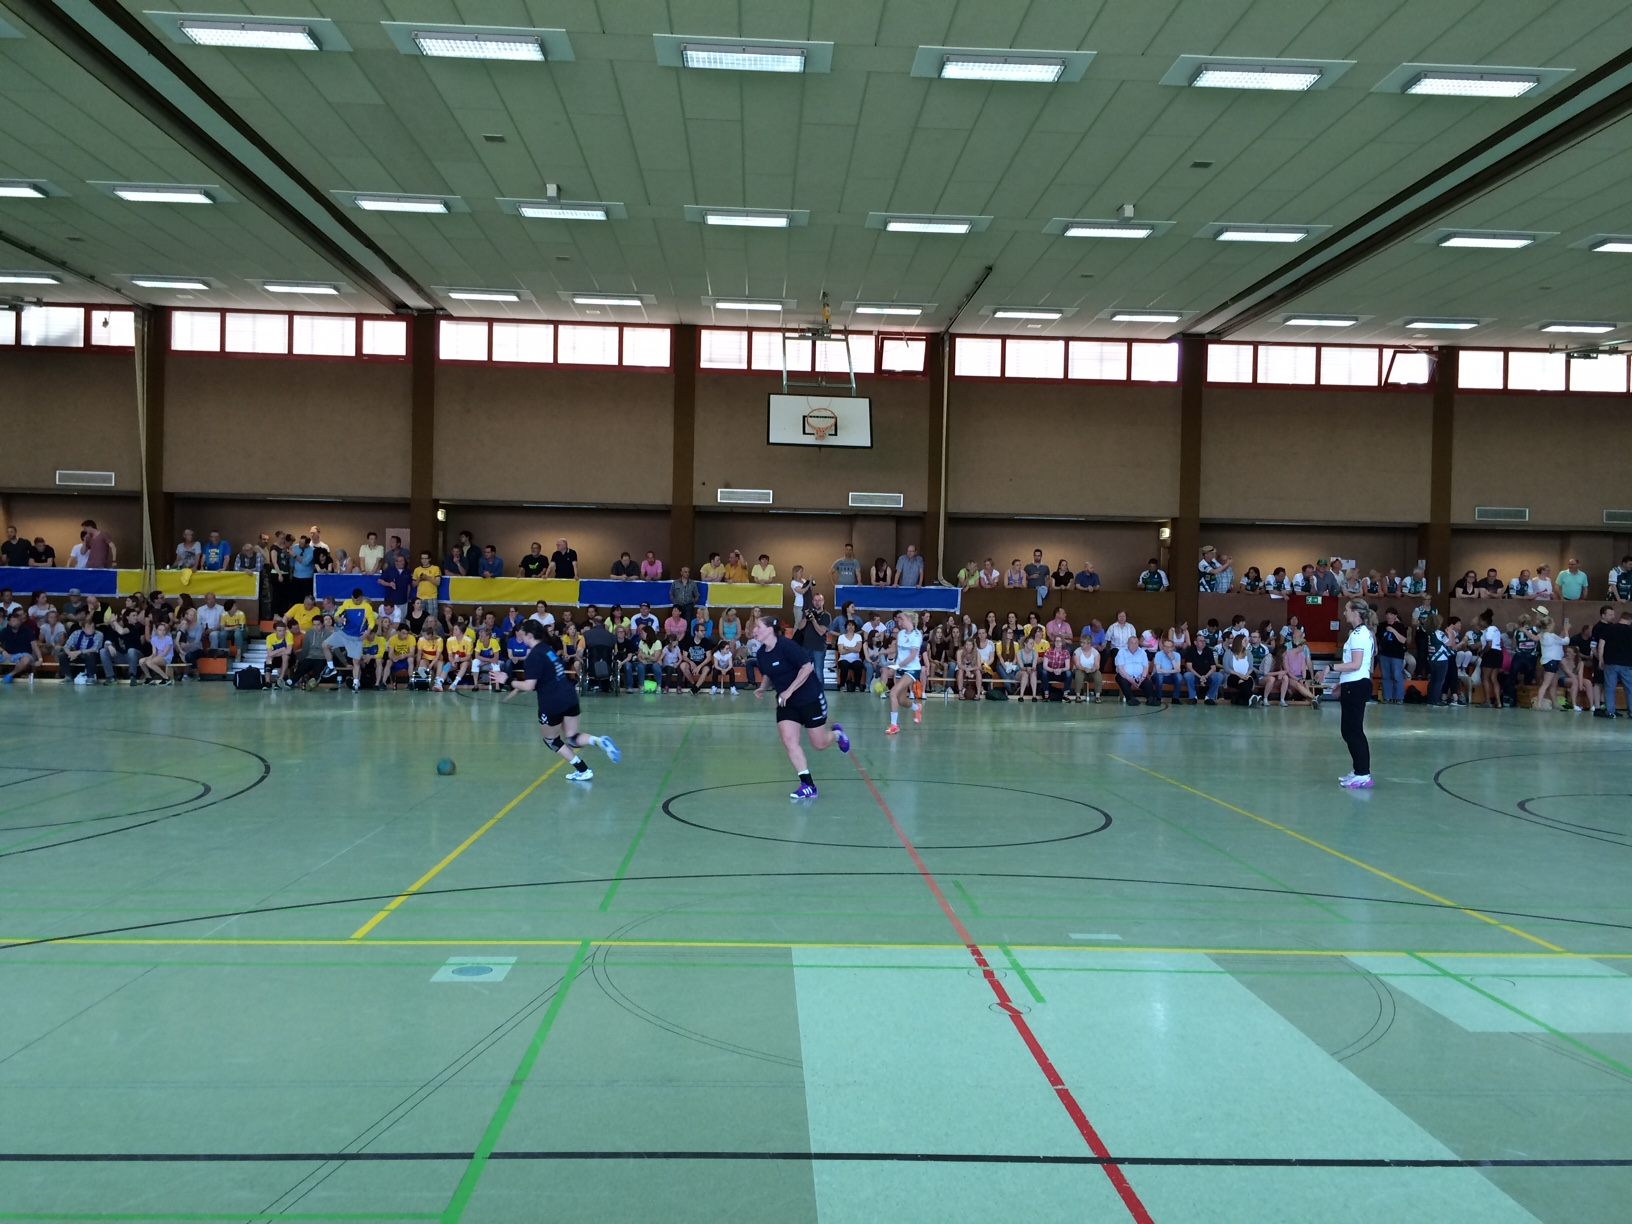 relegation handball 3. liga